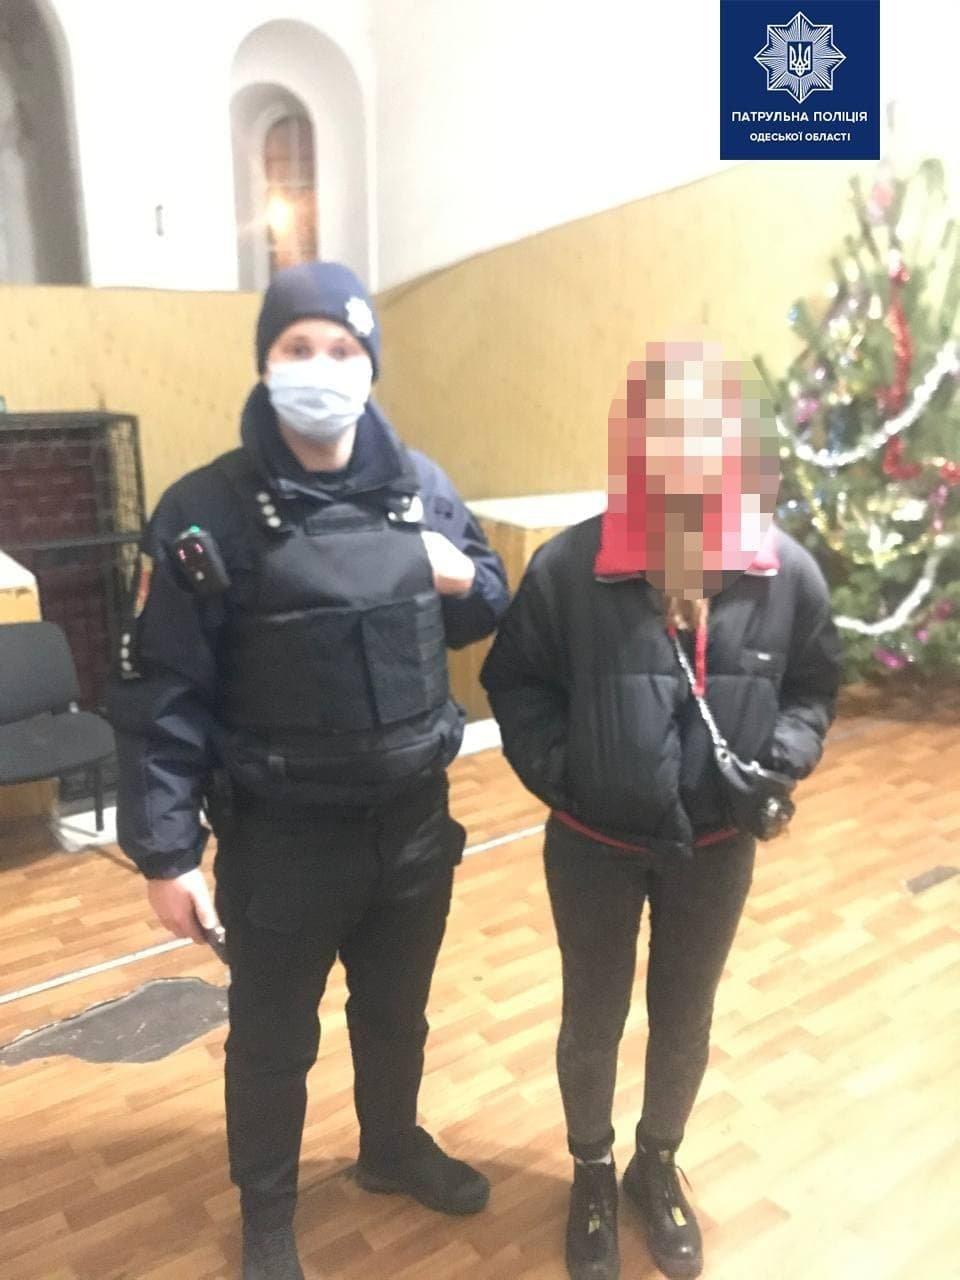 Несовершеннолетняя одесситка сбежала из дома, потому что родители запрещали ей встречаться с парнем, фото-1